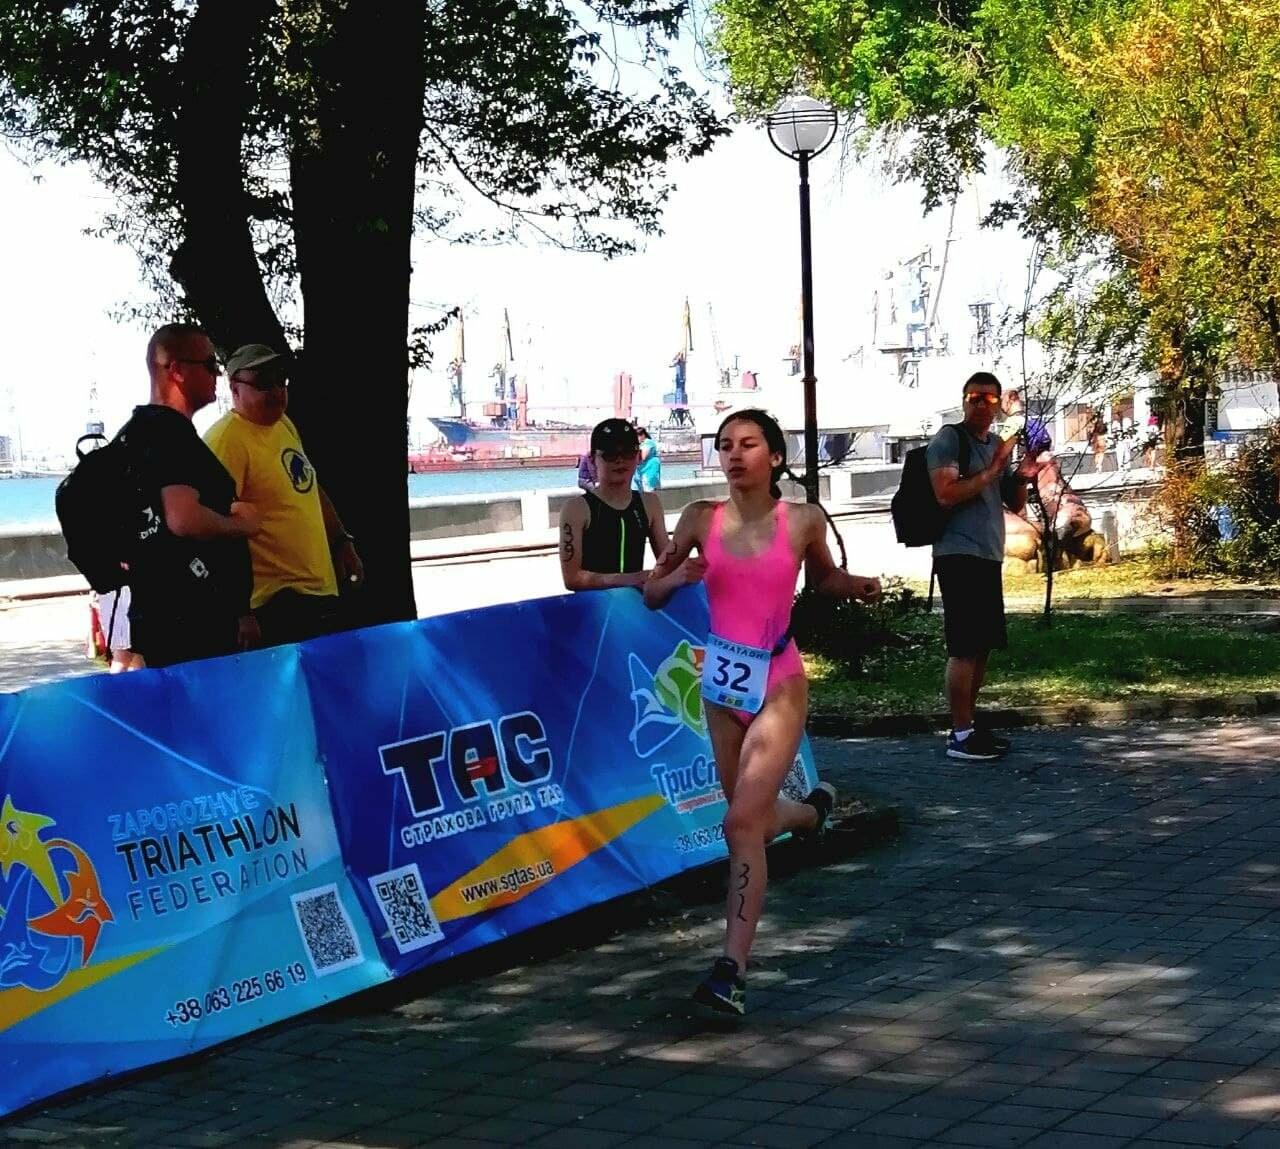 На Приморской площади Бердянска развернулись «триатлонные страсти» (ФОТО), фото-1